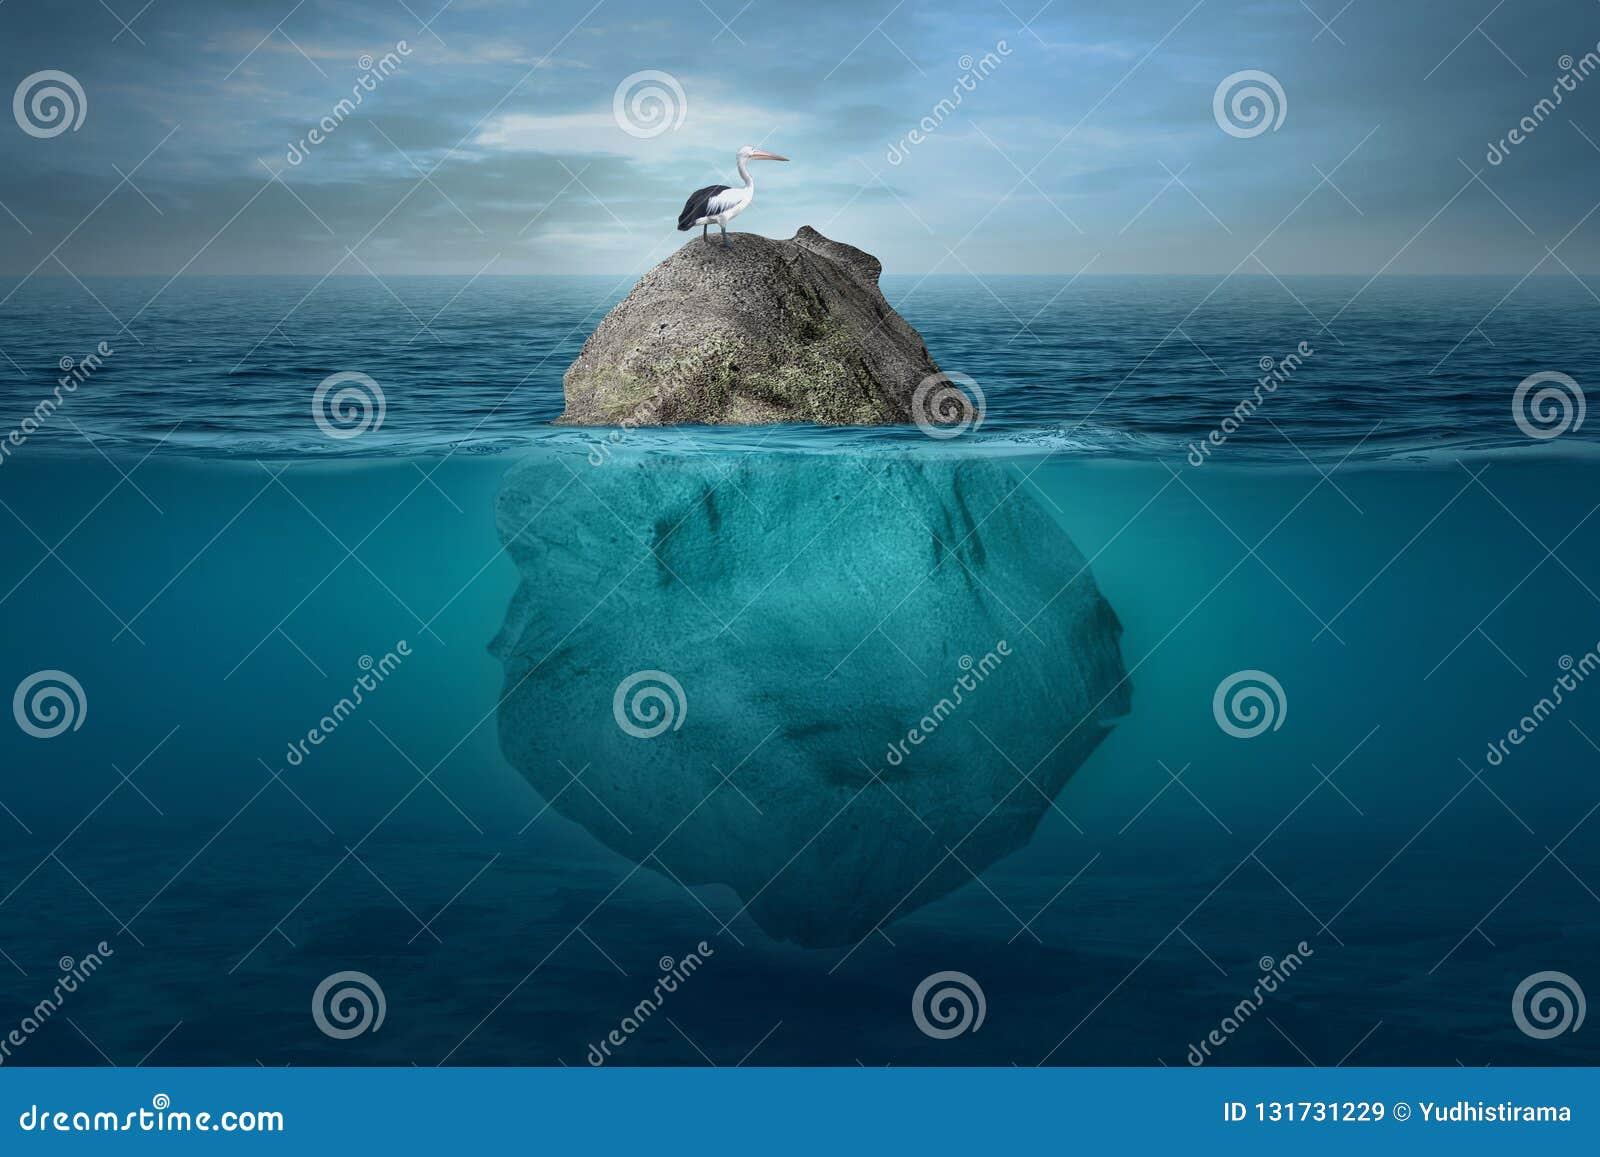 Paisaje subacuático hermoso con una pequeña isla